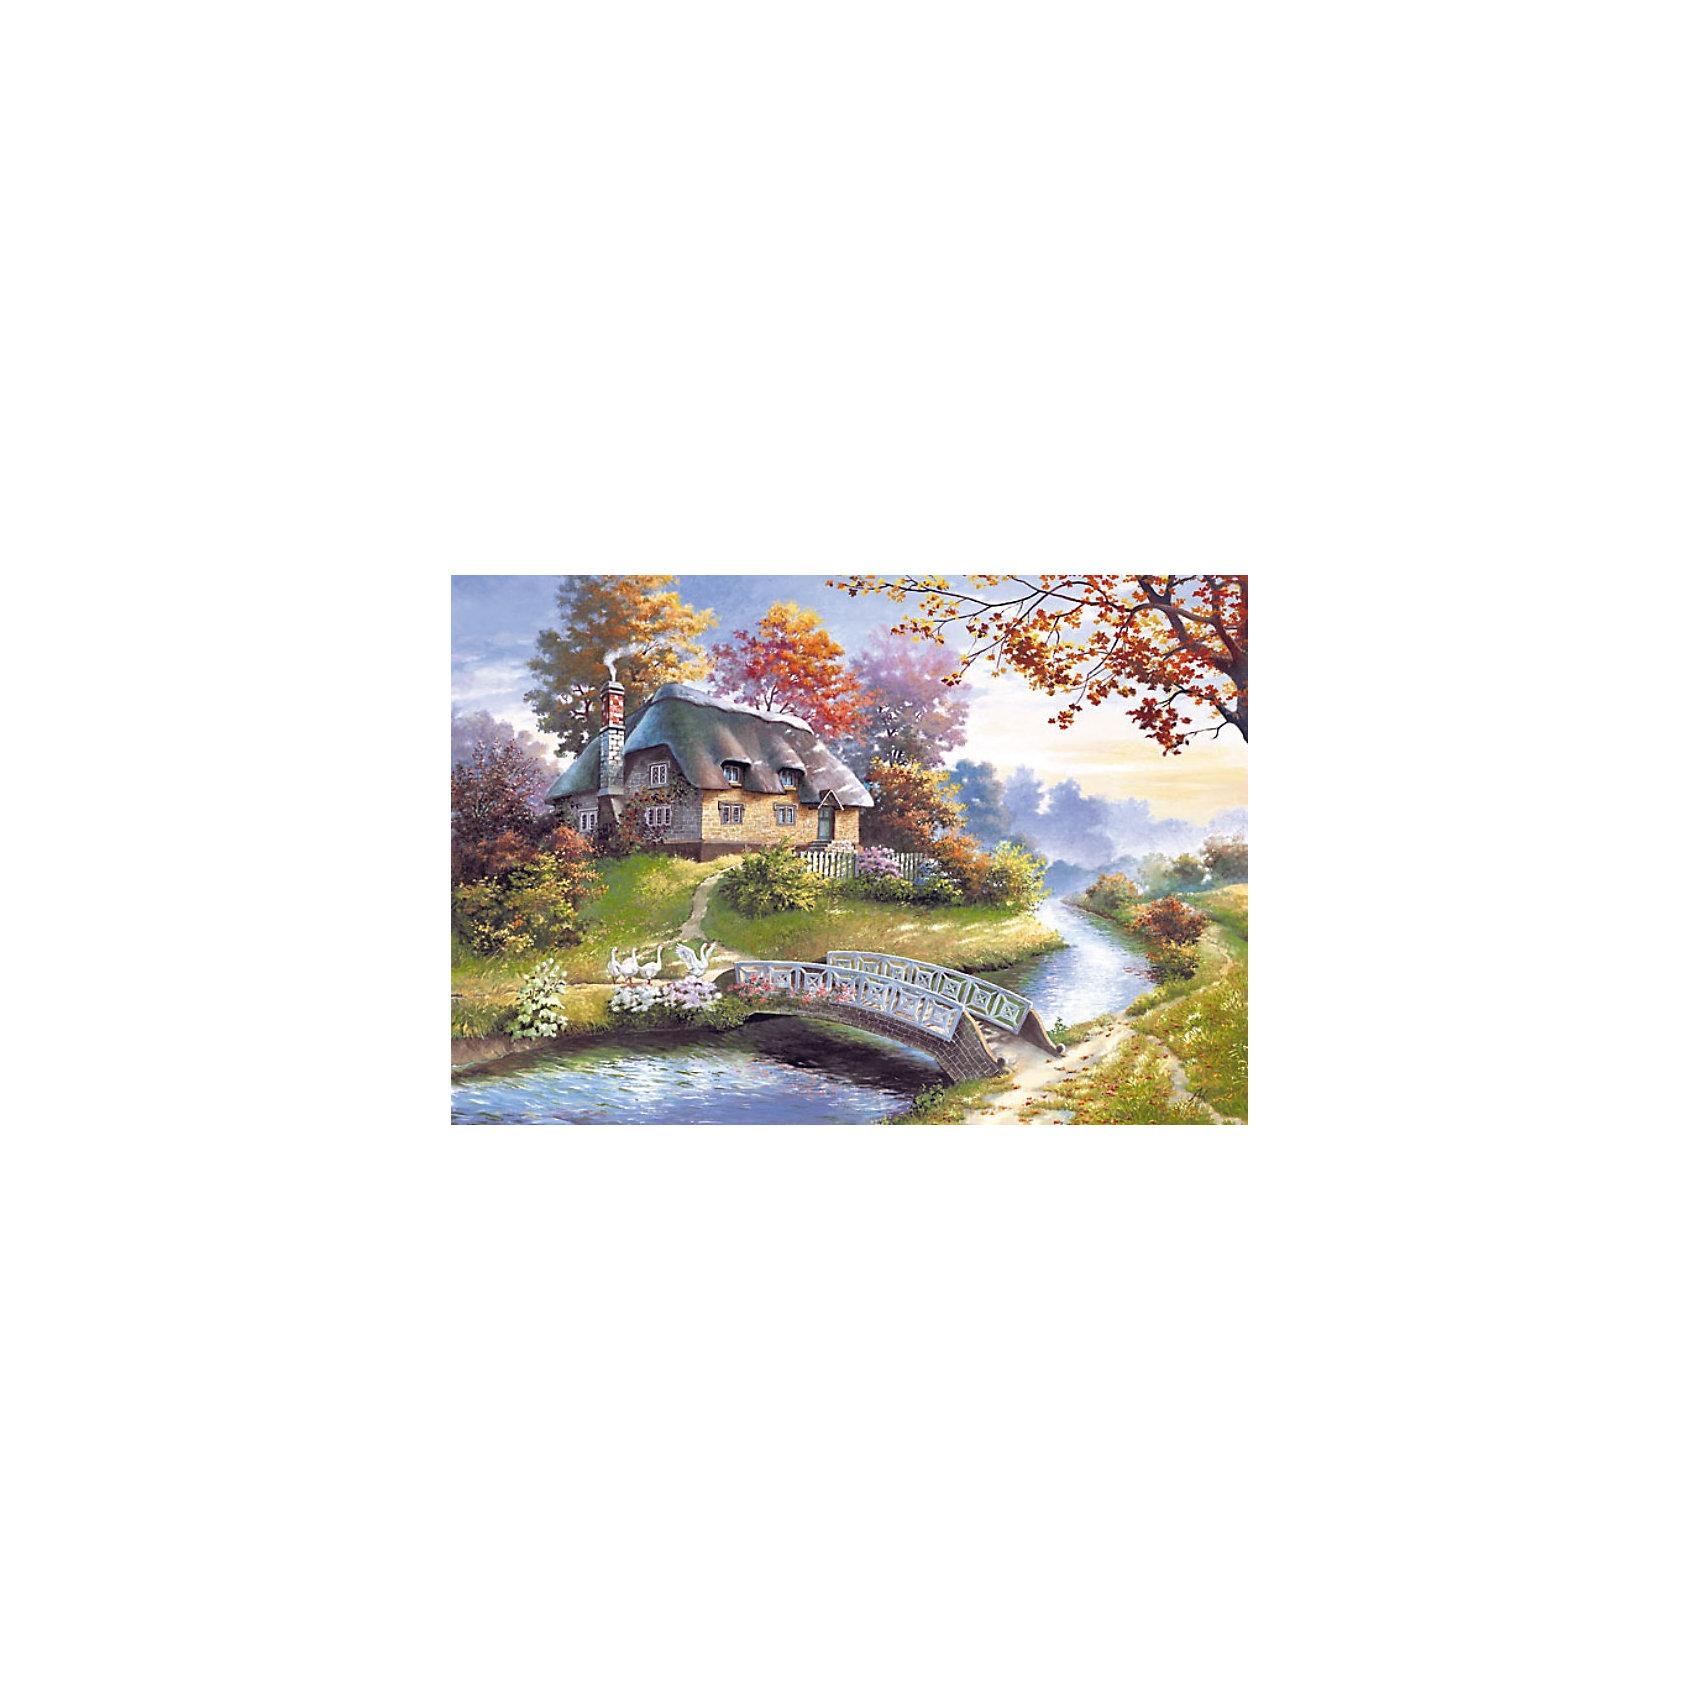 Castorland Пазл Коттедж, 1500 деталей, Castorland куплю дом или коттедж в солотче